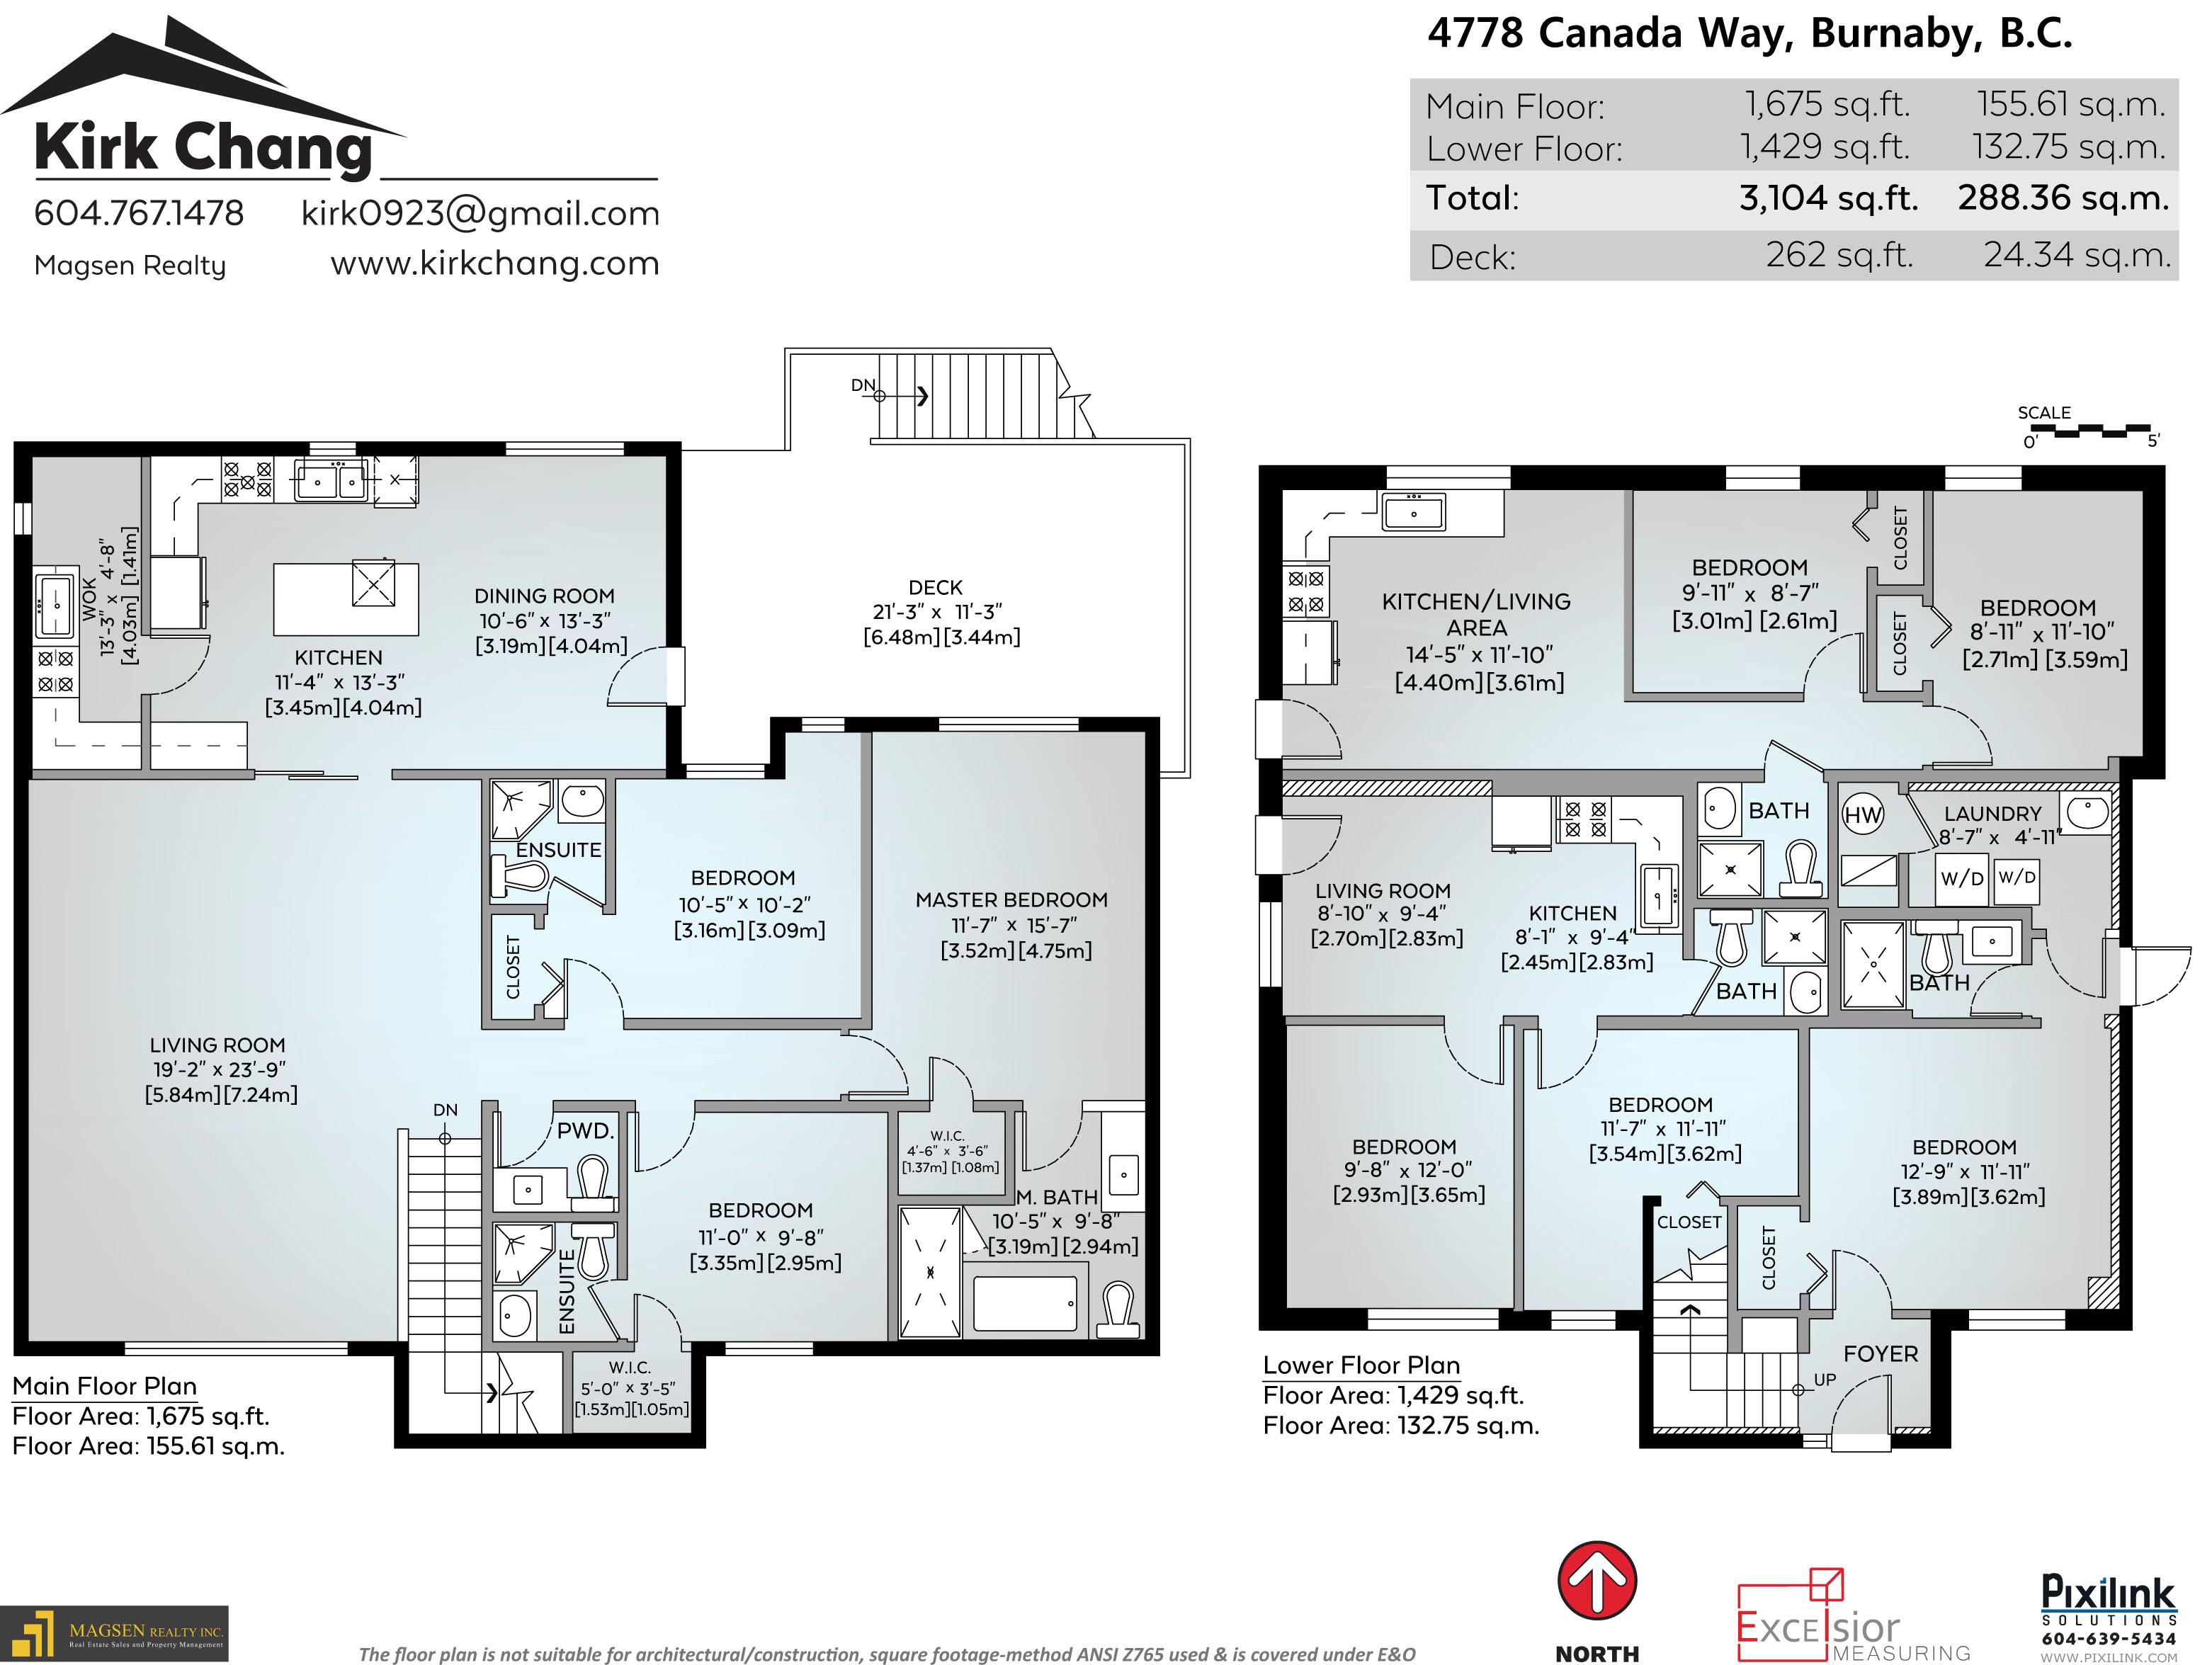 4778 Canada Way Burnaby